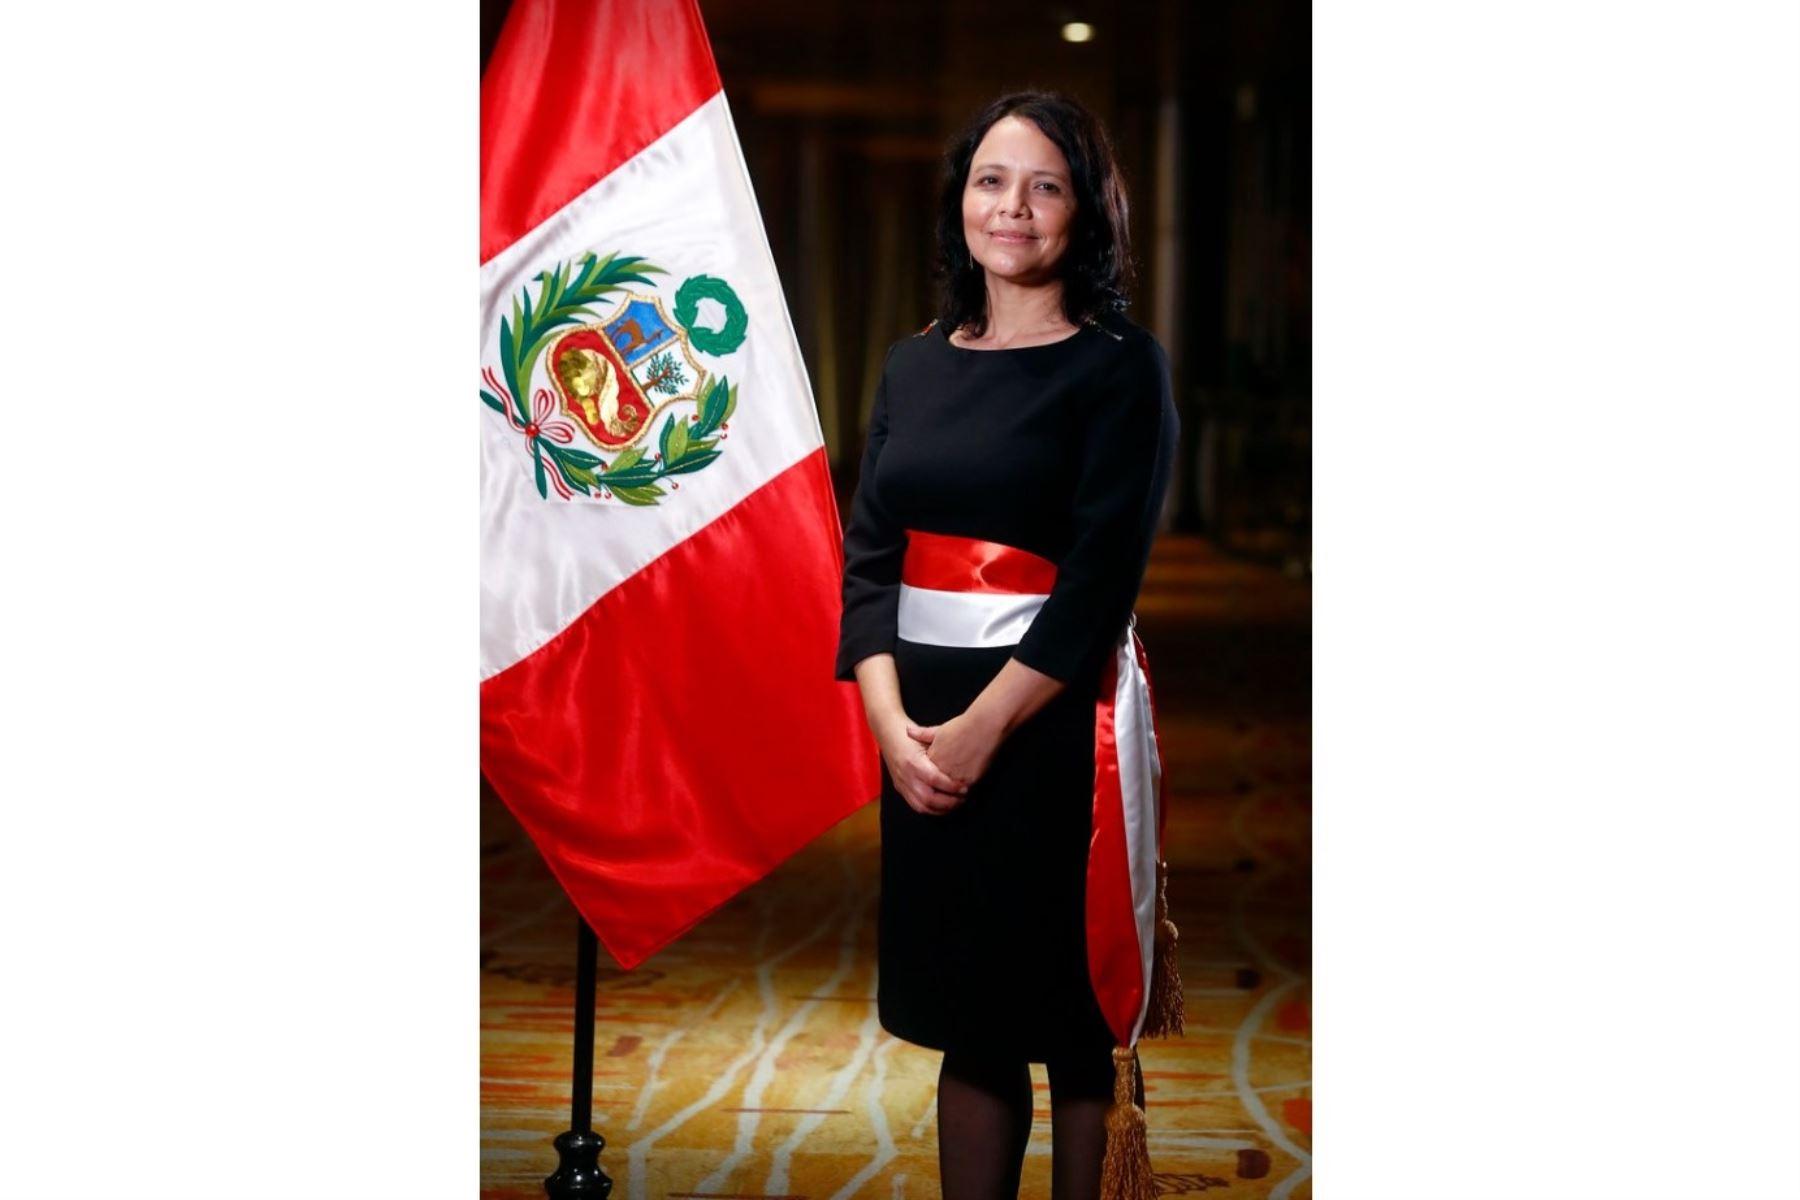 La socióloga Anahí Durand es la nueva ministra de la Mujer y Poblaciones Vulnerables. ANDINA/Difusión